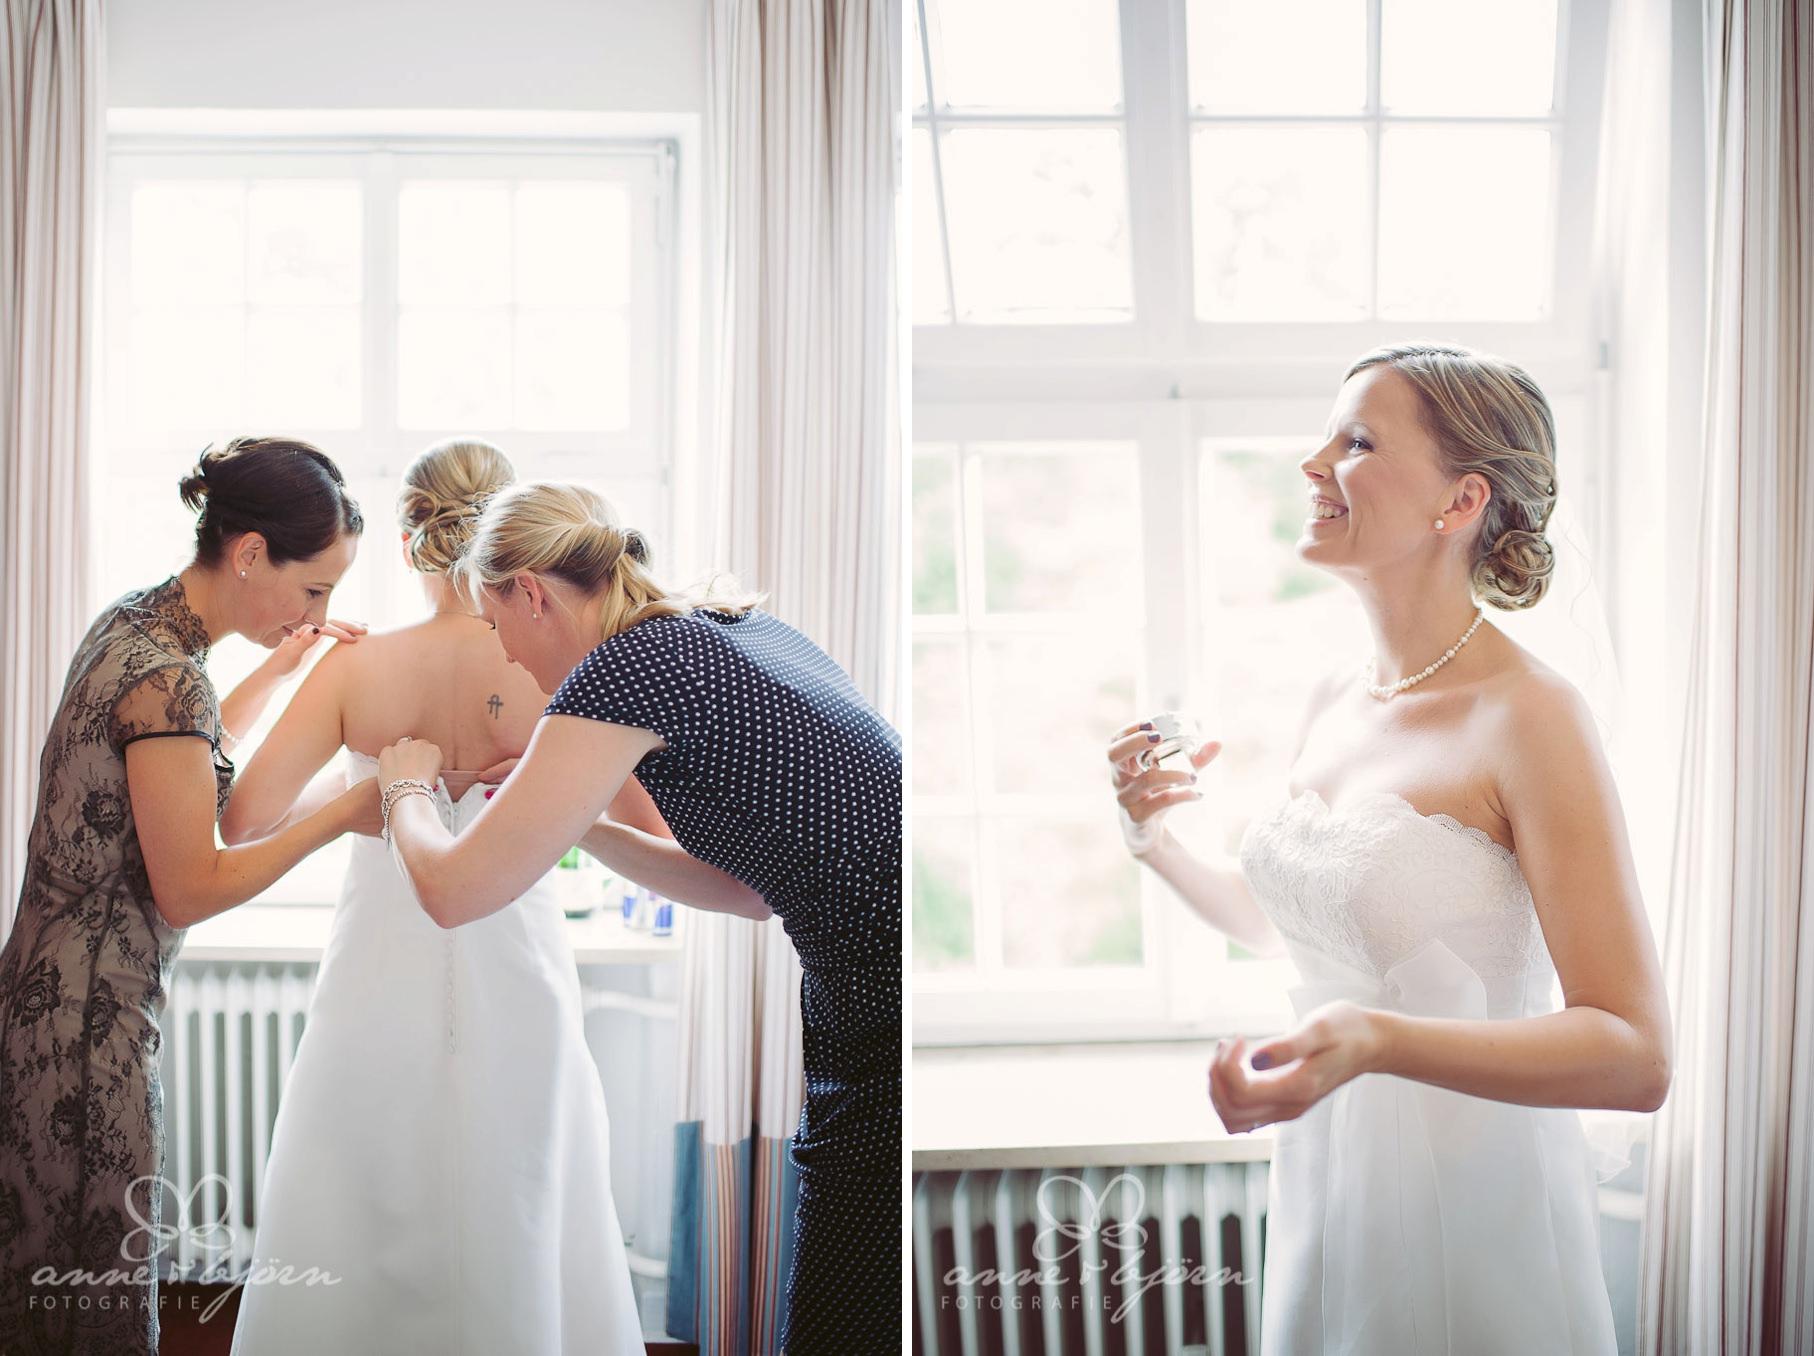 0027 cup aub 21486 1 - Conny und Philipp - Hochzeit im Hotel Waldhof auf Herrenland